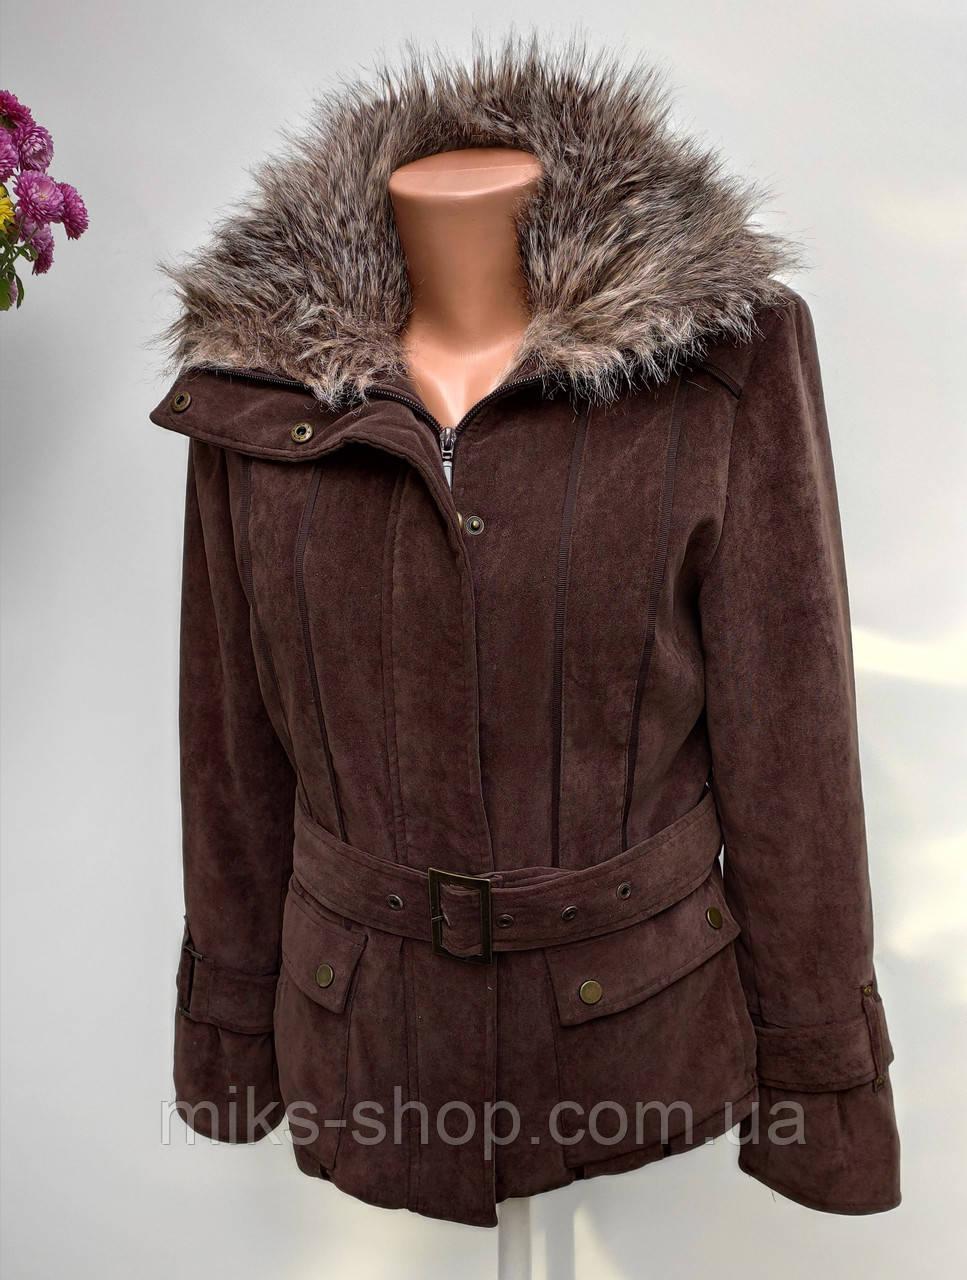 Жіноча куртка осінь – зима розмір 36-38 ( б-241)